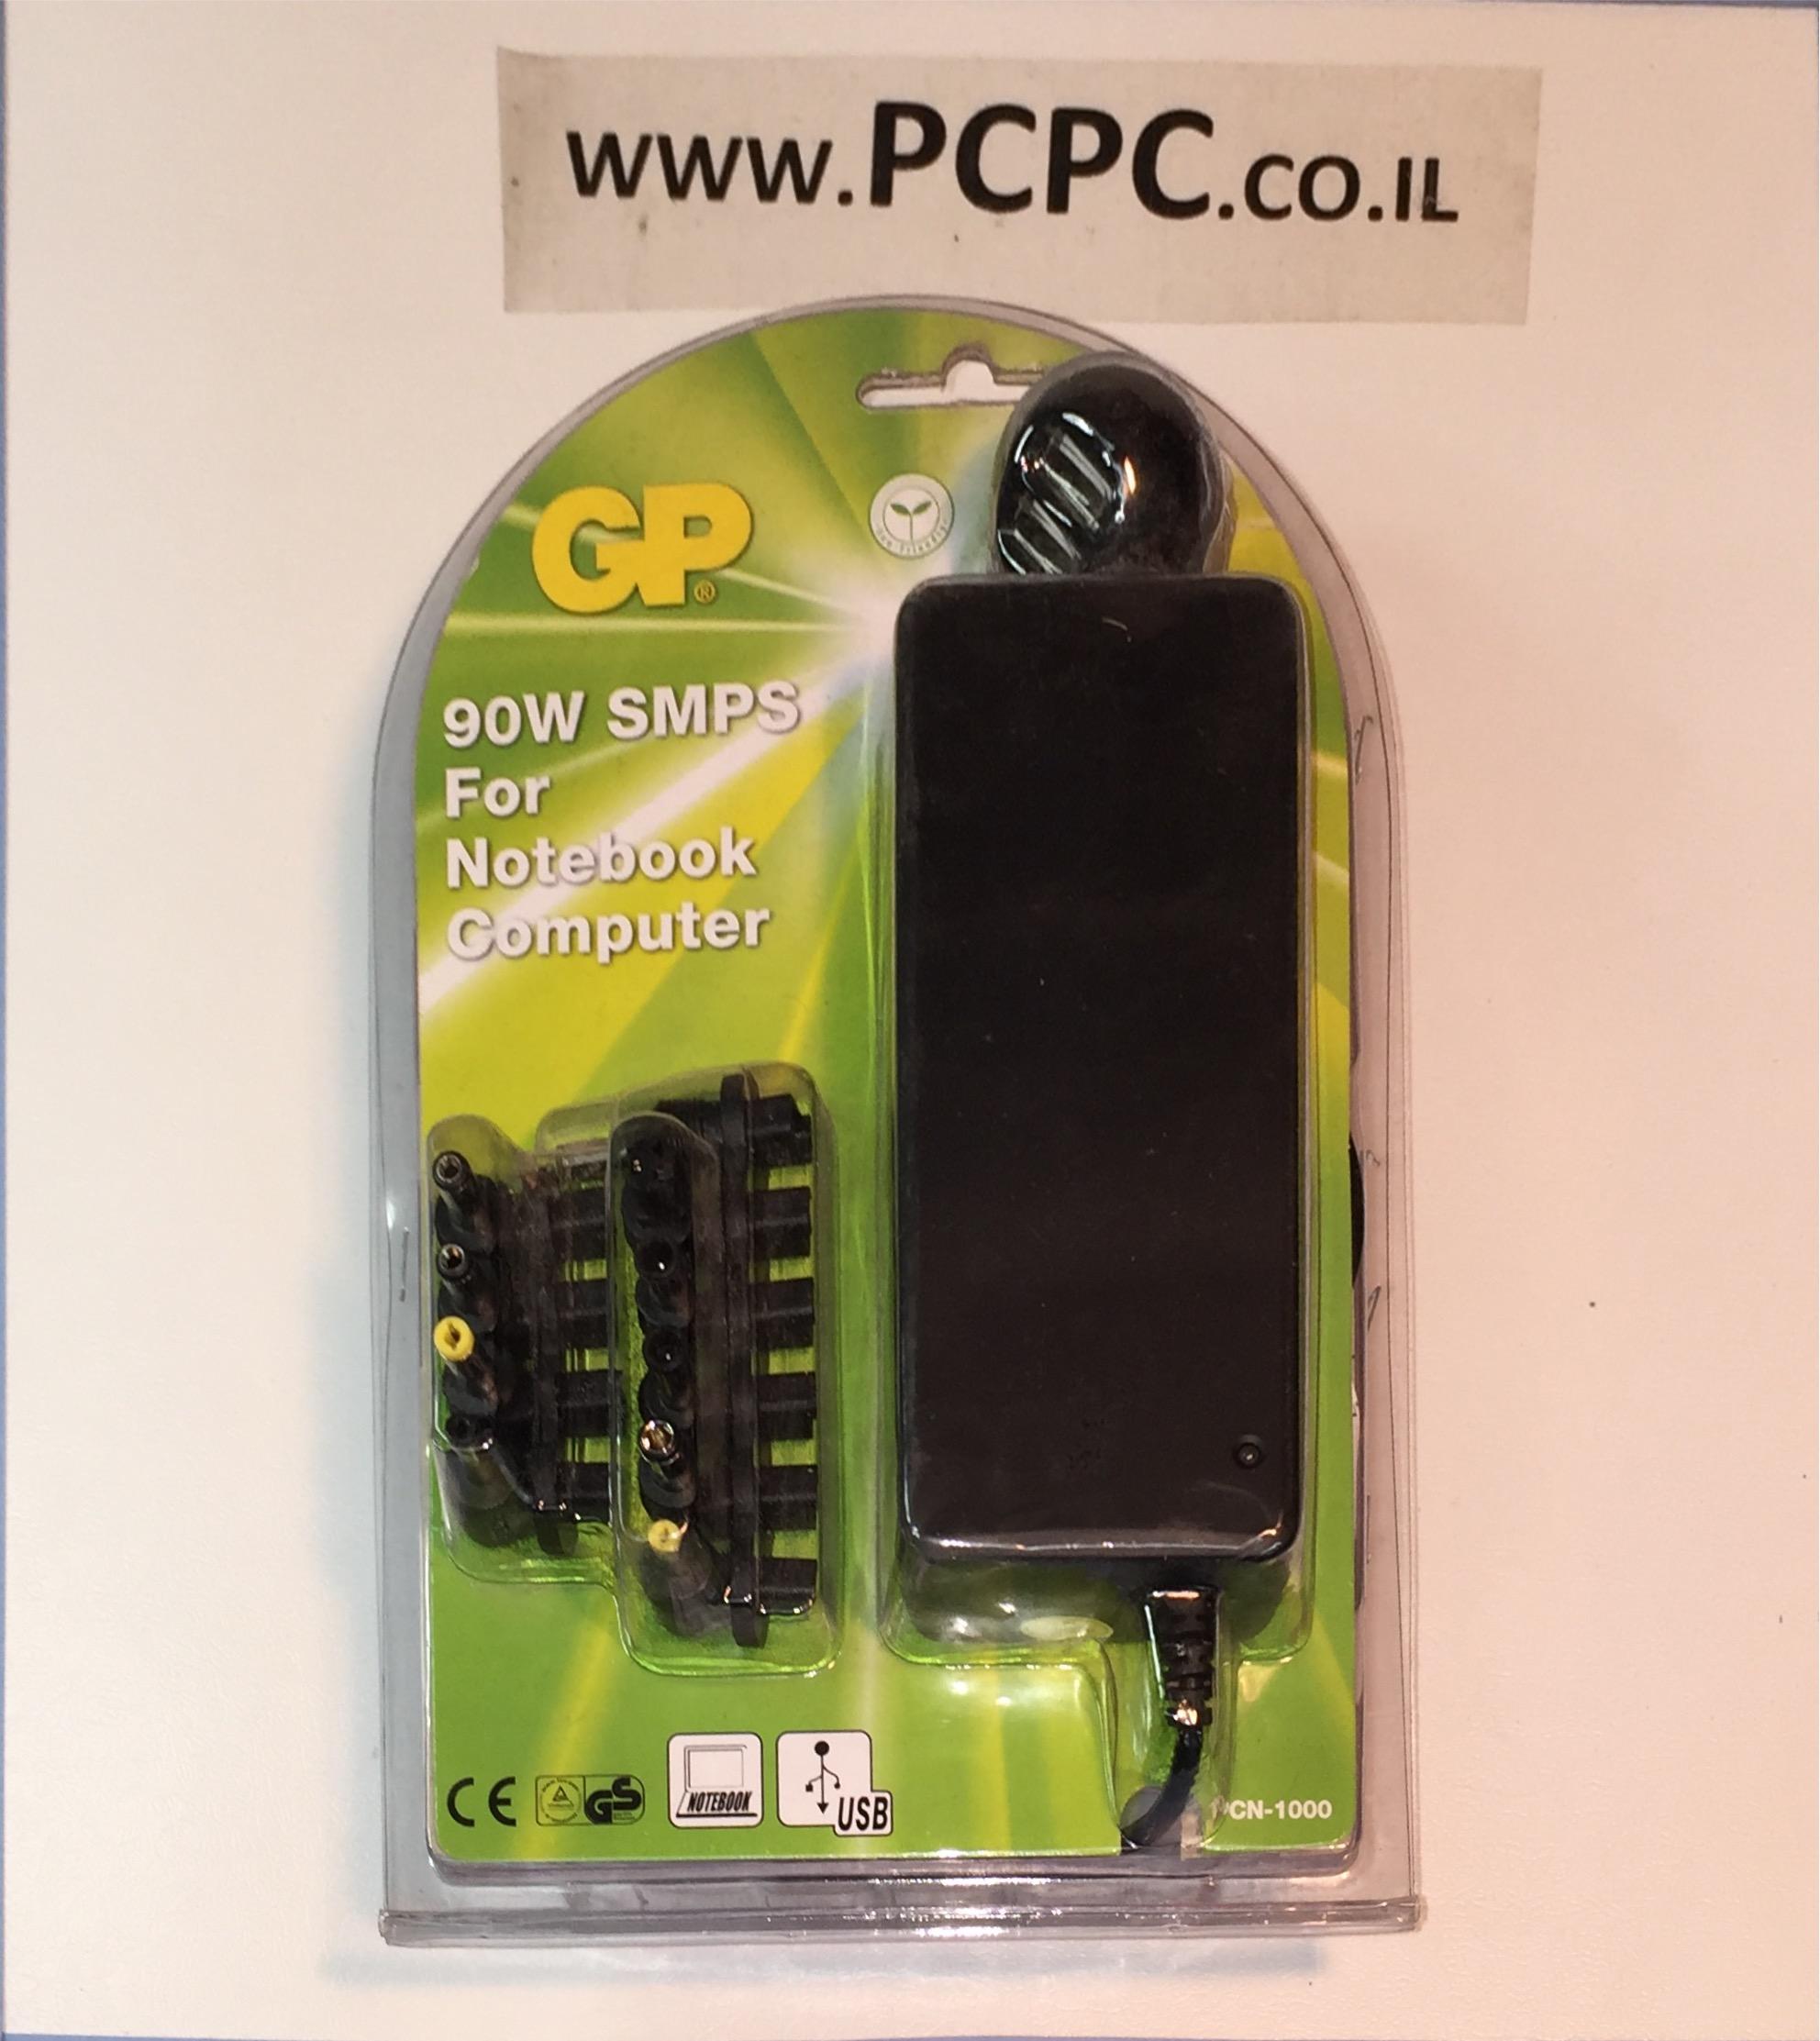 מטען אוניברסלי למחשב נייד-GPT 90W PCN-1000- ACER-DELL-SAMSUNG-SONY-HP-ASUS ועוד סוגים.